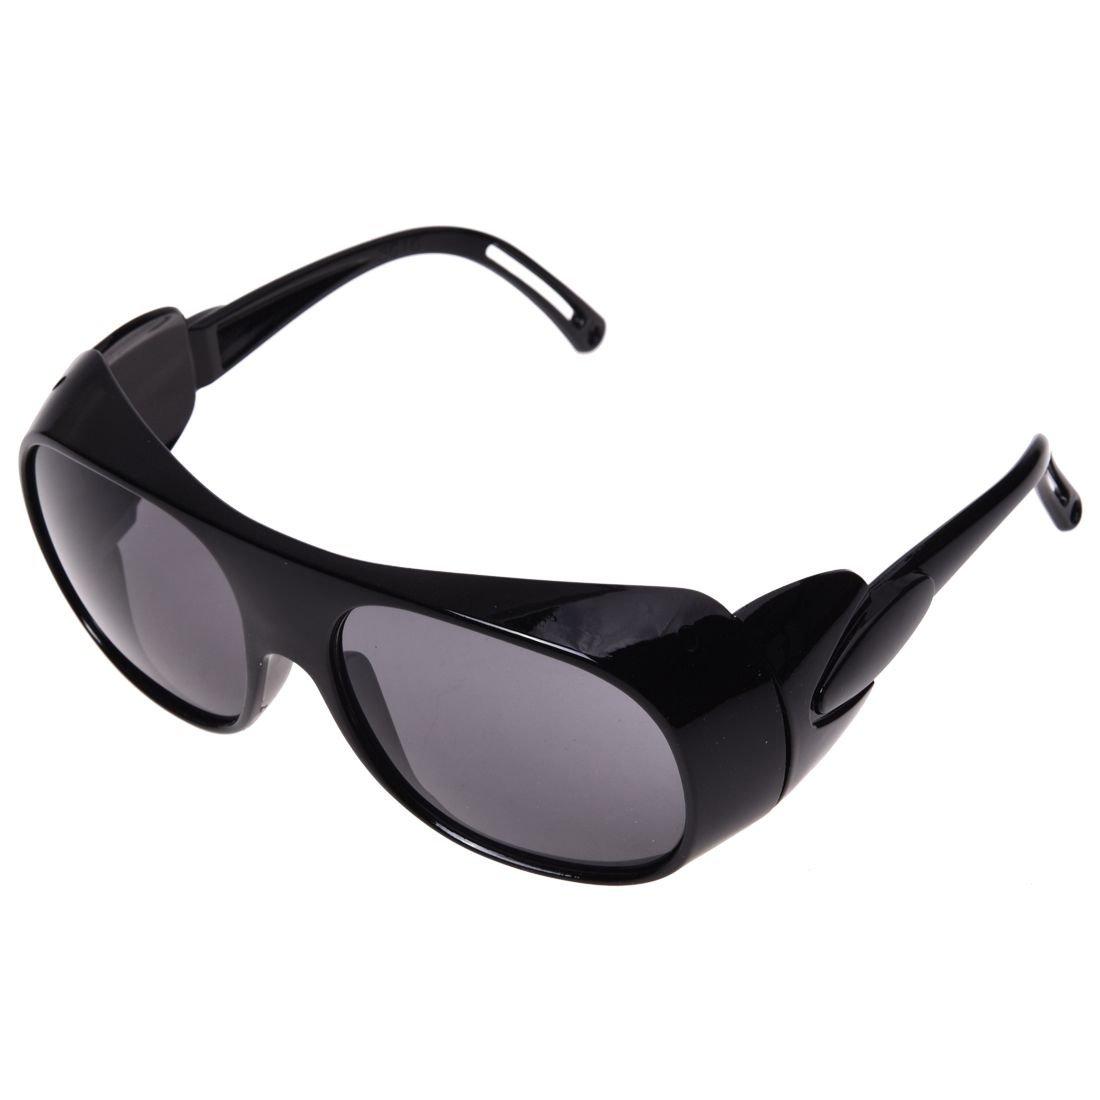 Gafas protectoras - TOOGOO(R) Gafas protectoras Gafas de patillas Gafas de proteccion laser Gafas gris